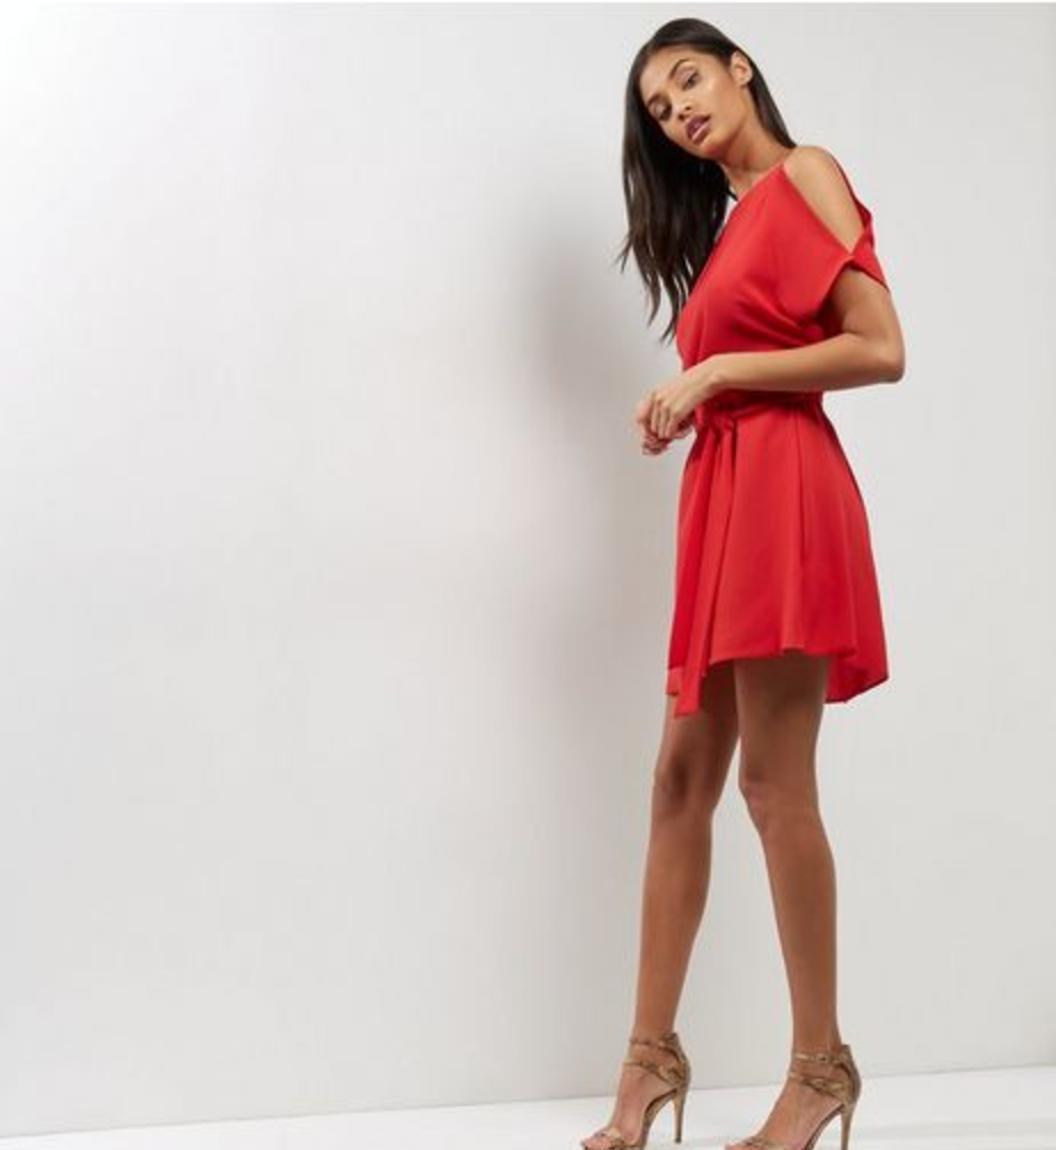 f4d97191b45f5 صور فساتين سهرة قصيرة للمناسبات بلون الأحمر جميلة جدا